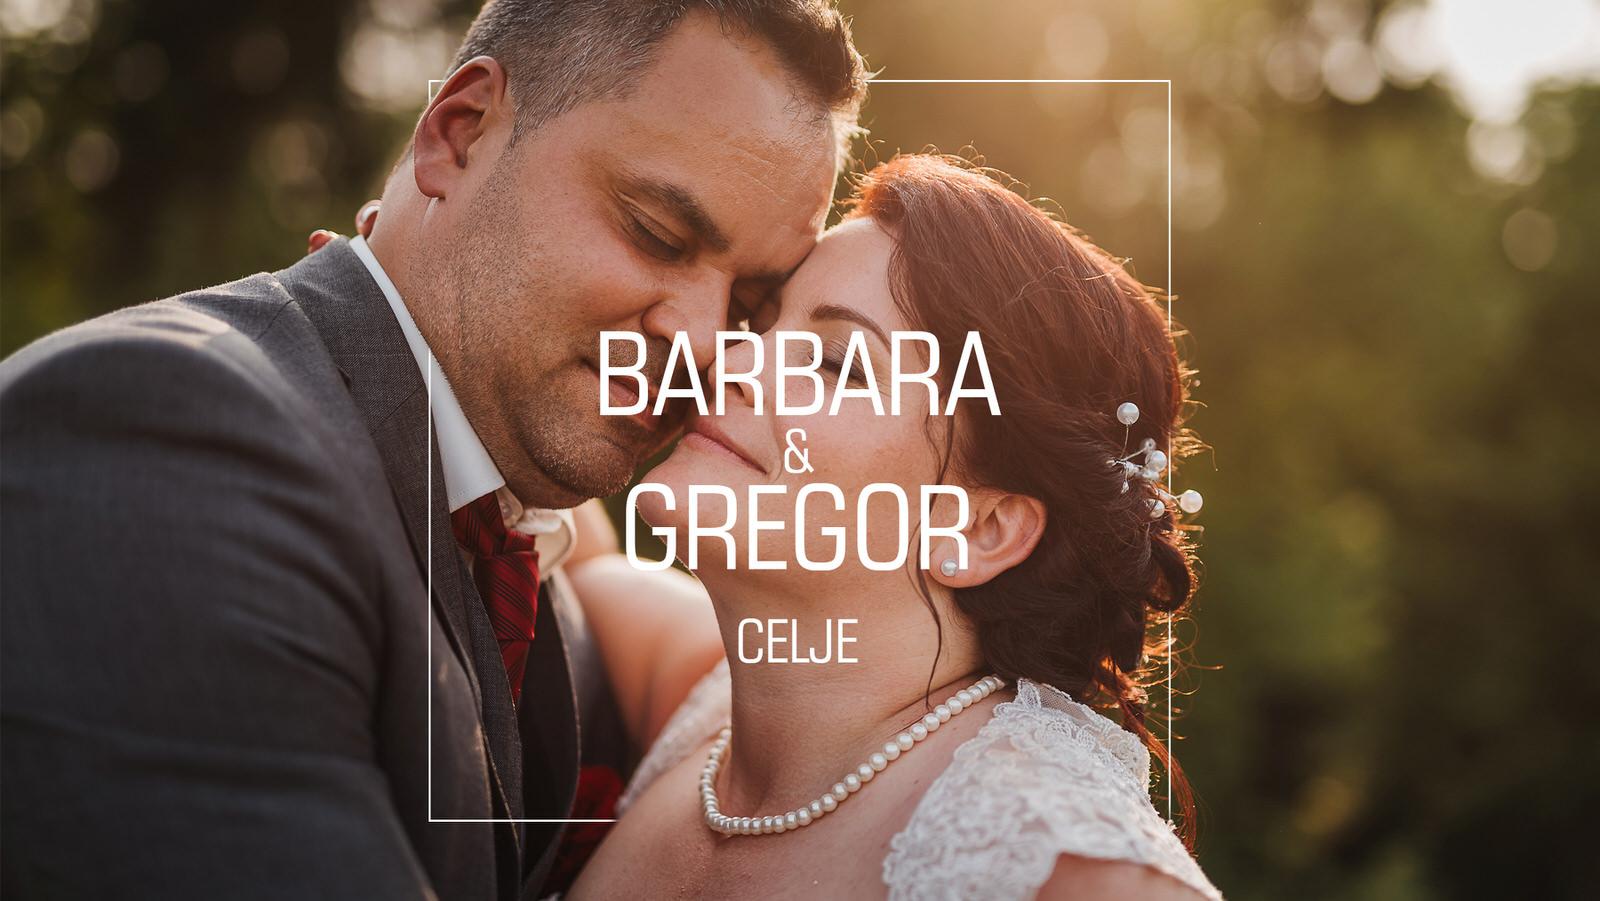 Barbara in Gregor poroka.jpg